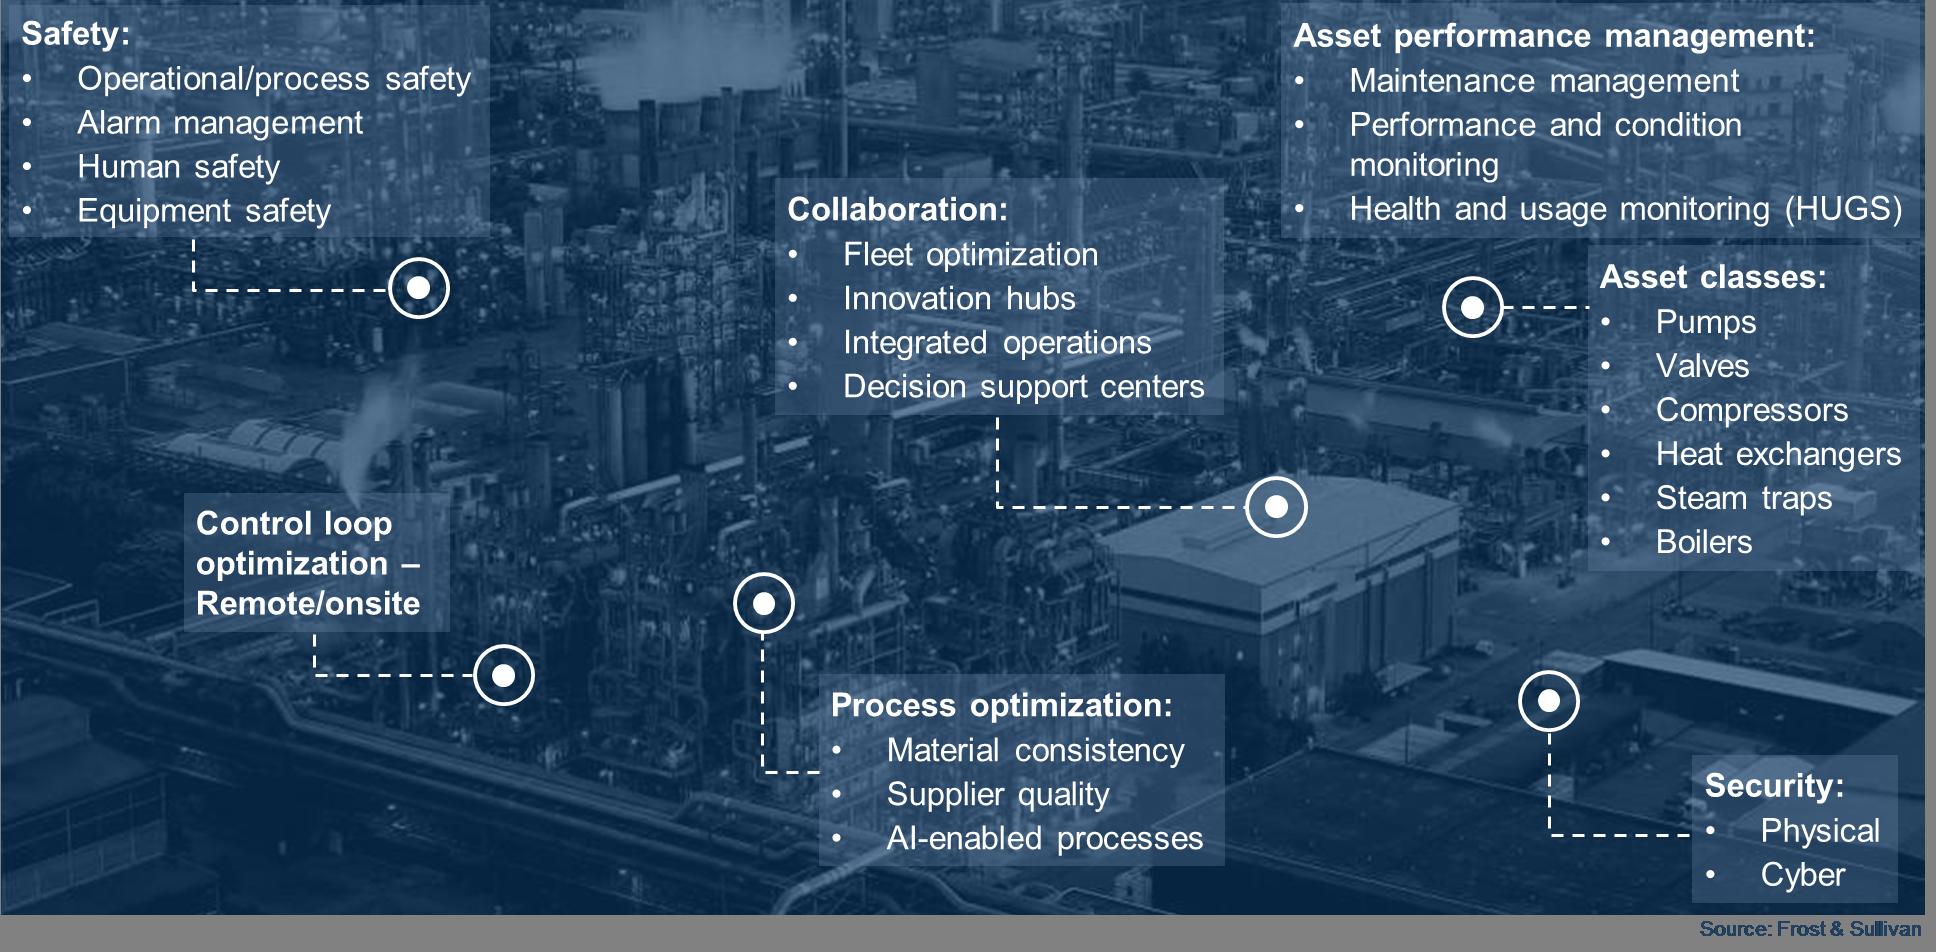 Synaptic Business Automation | Yokogawa Electric Corporation